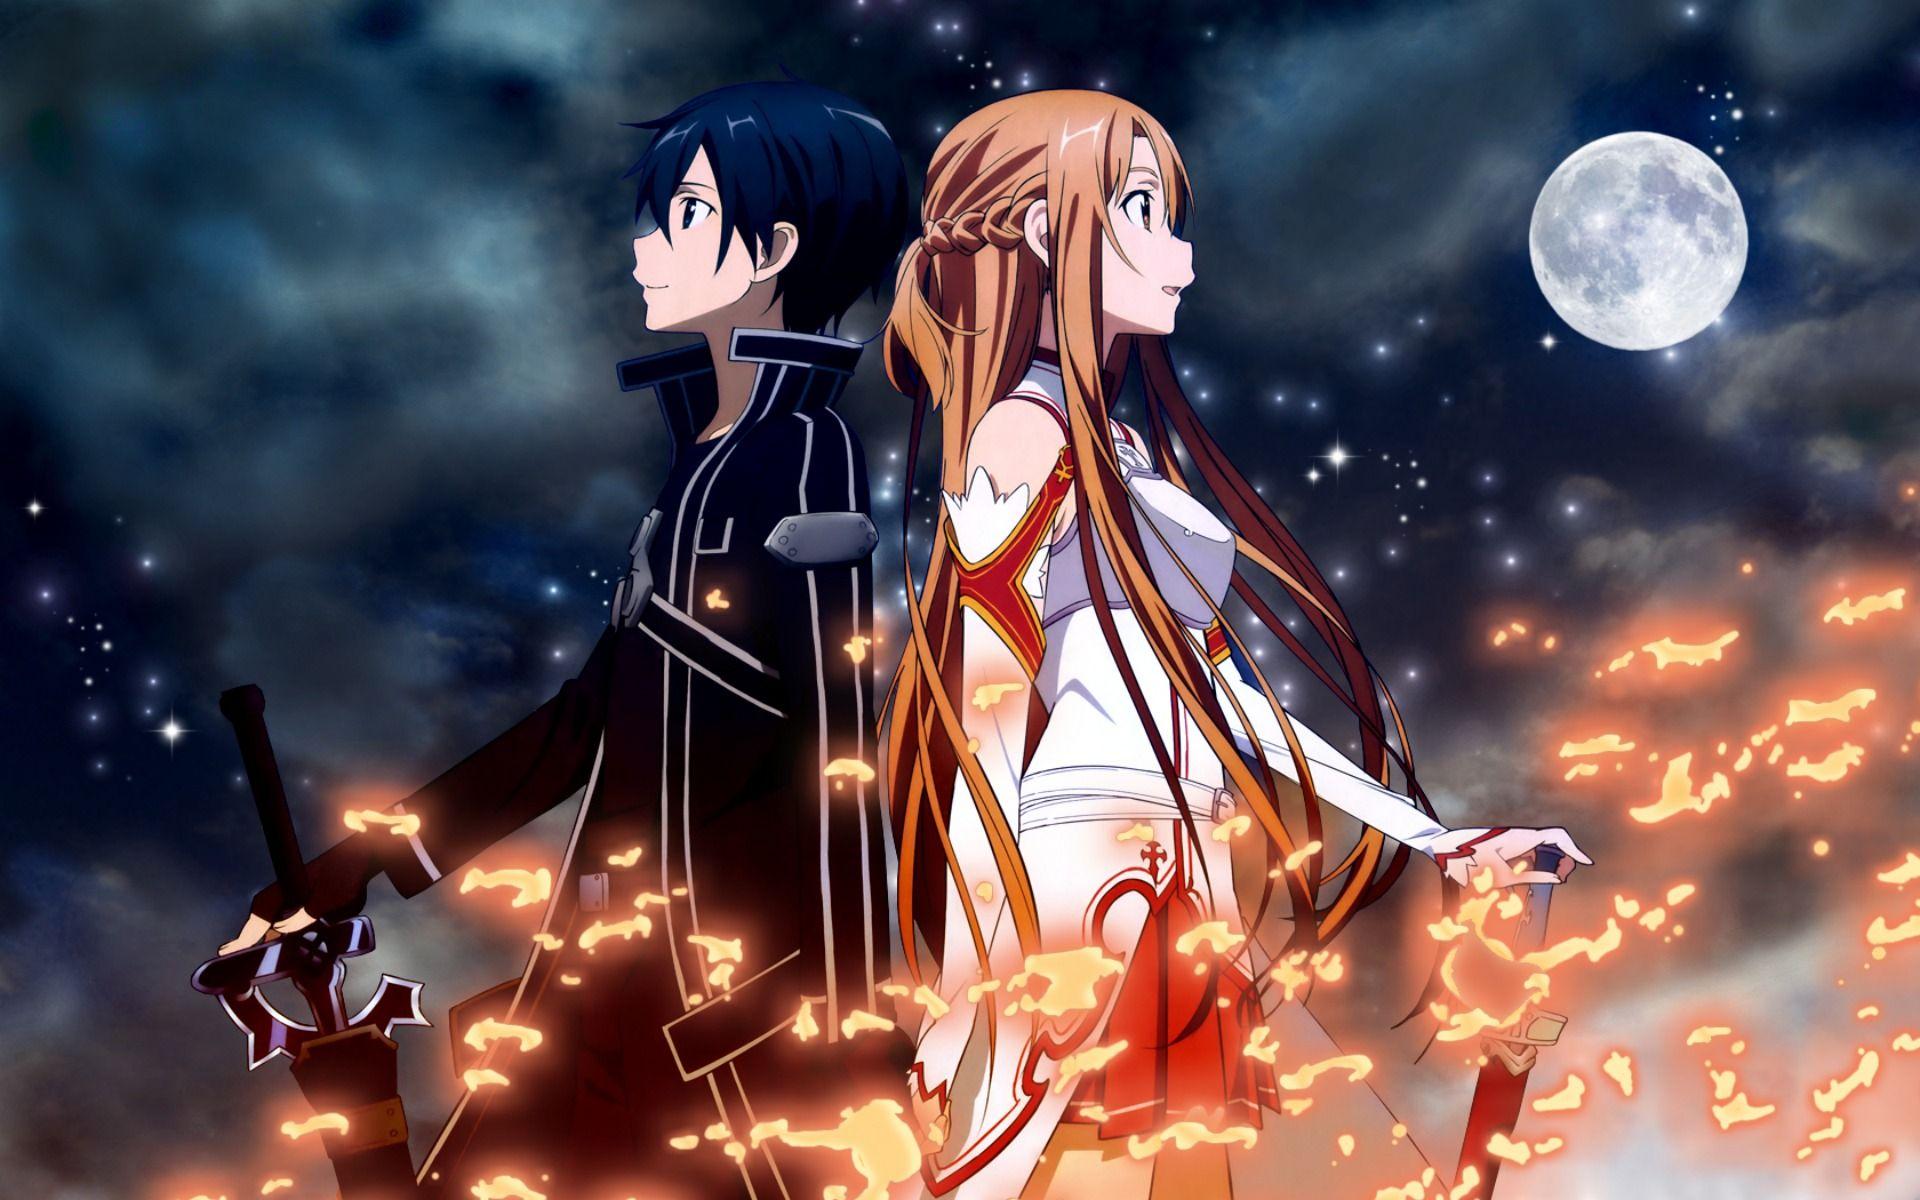 Hình nền anime Sword Art Online đẹp cho máy tính hình ảnh